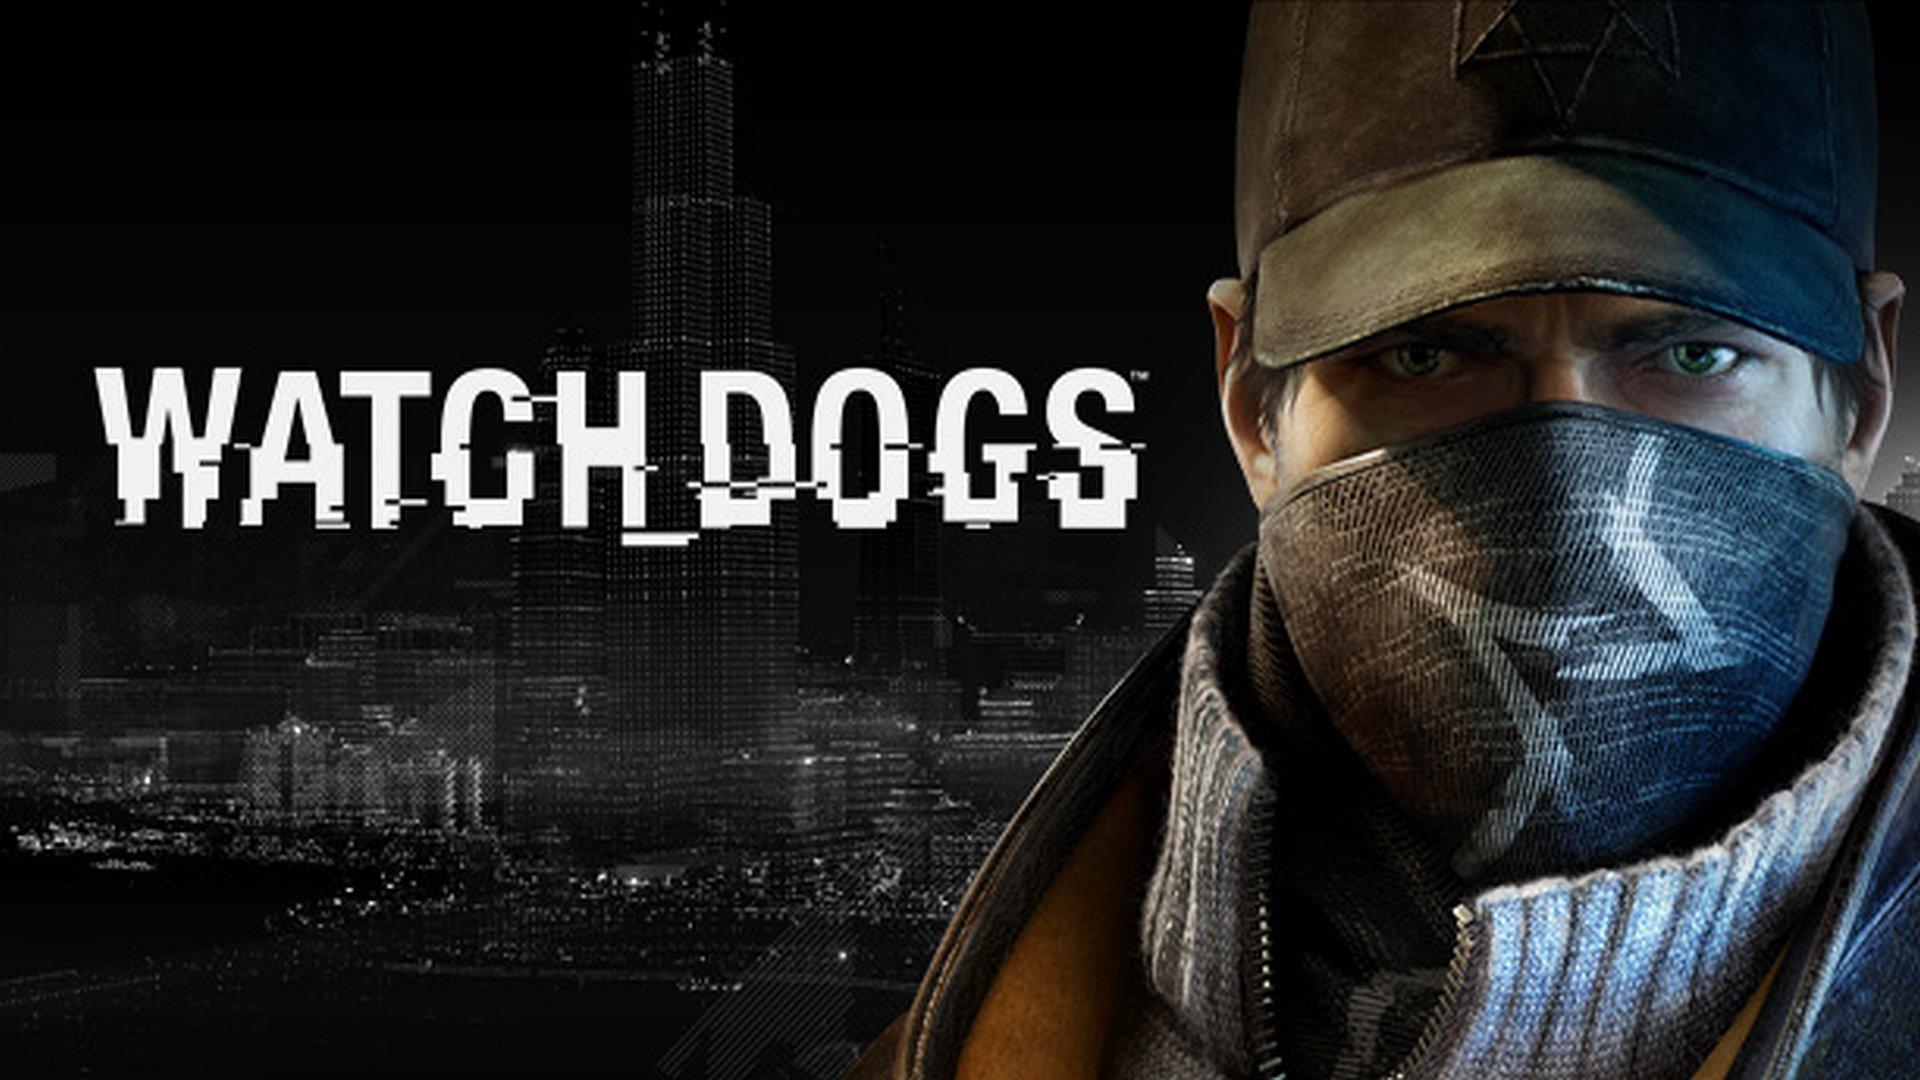 Watch_Dogs с рейтингом M - Изображение 1